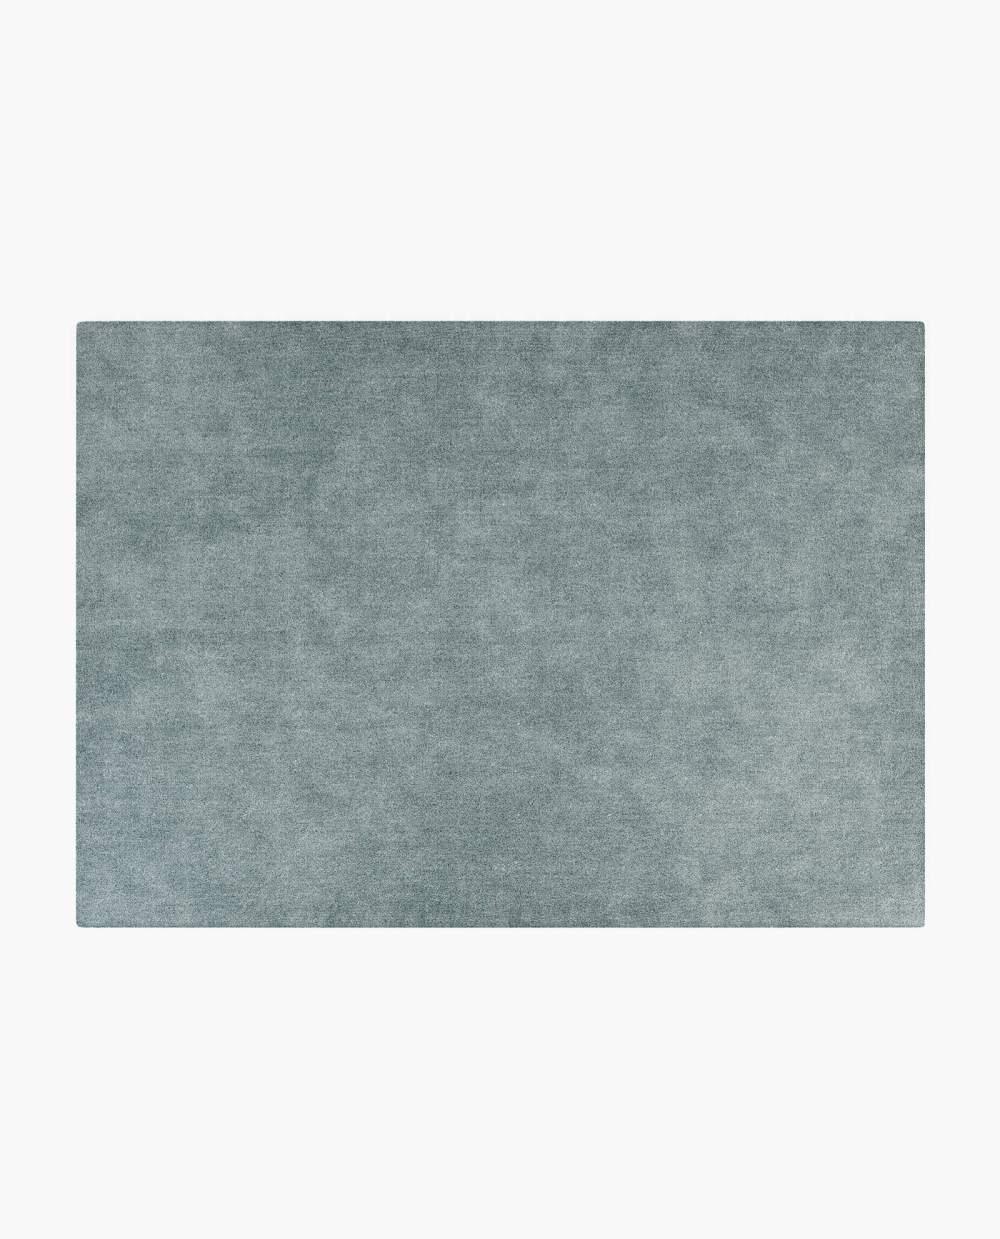 tapete moderno em tecido azul